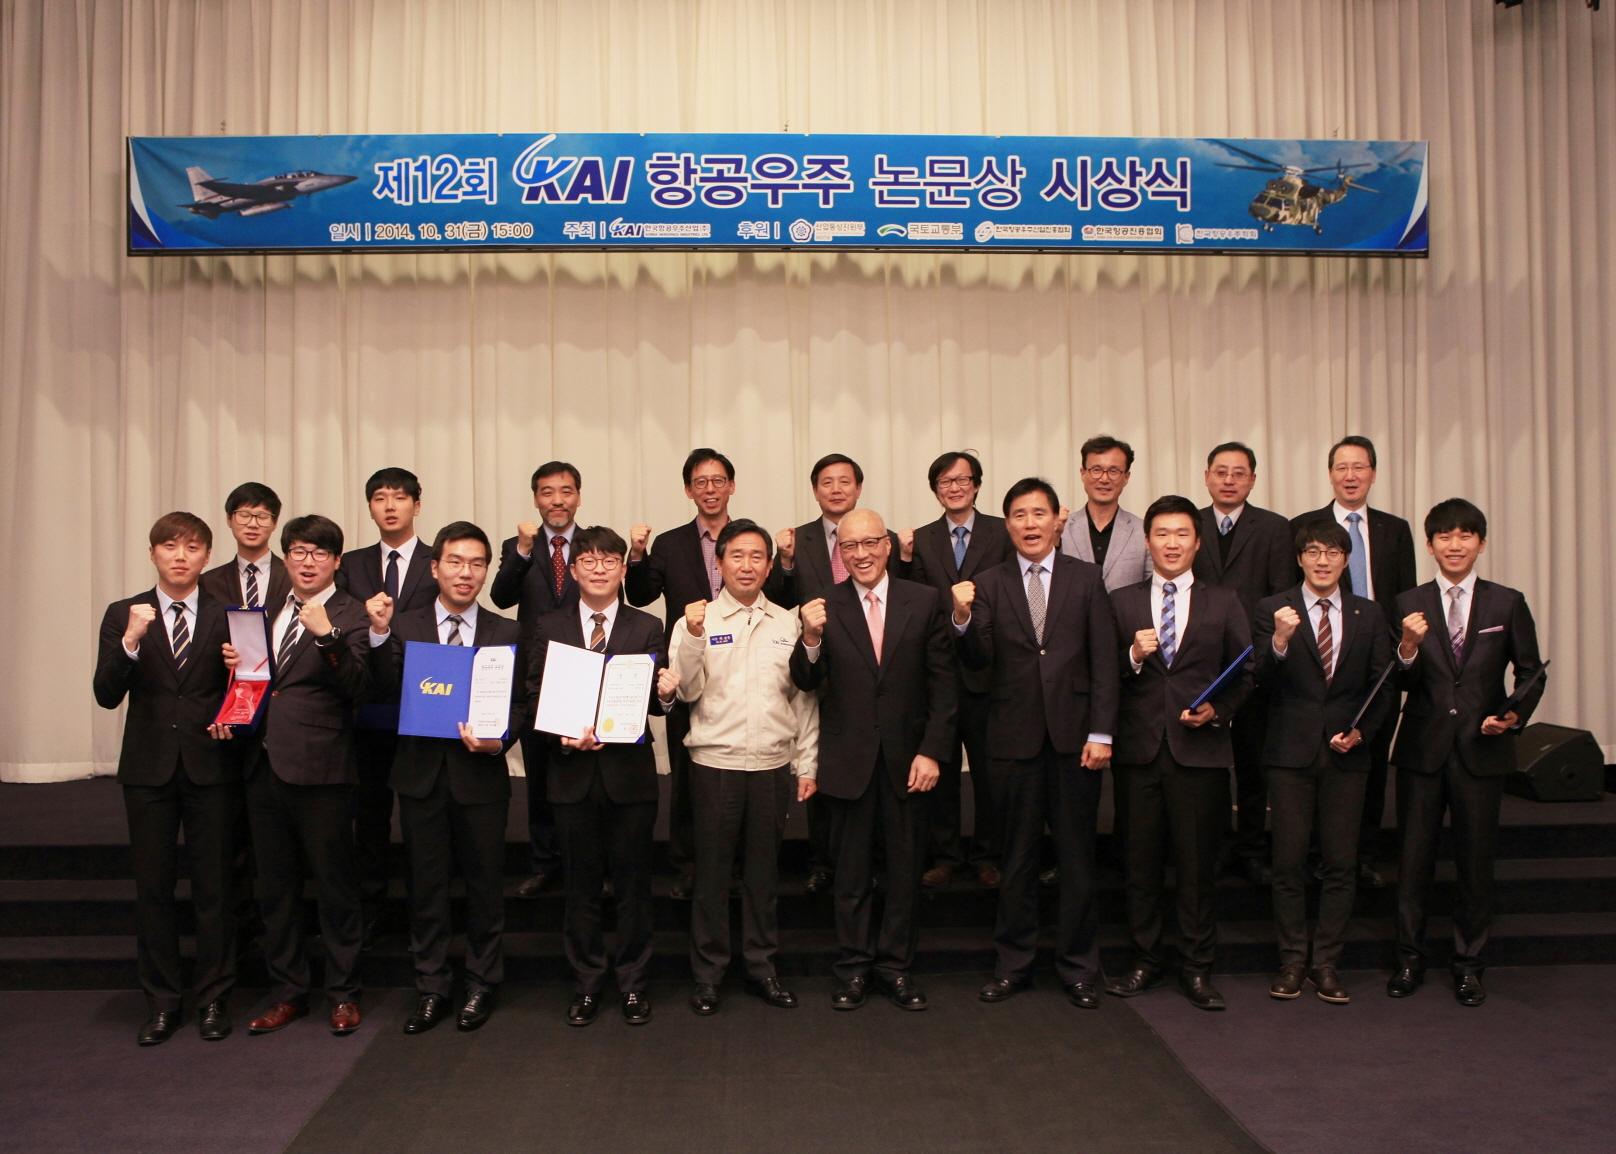 제 12 회 KAI 항공우주논문상 최우수상 수상!